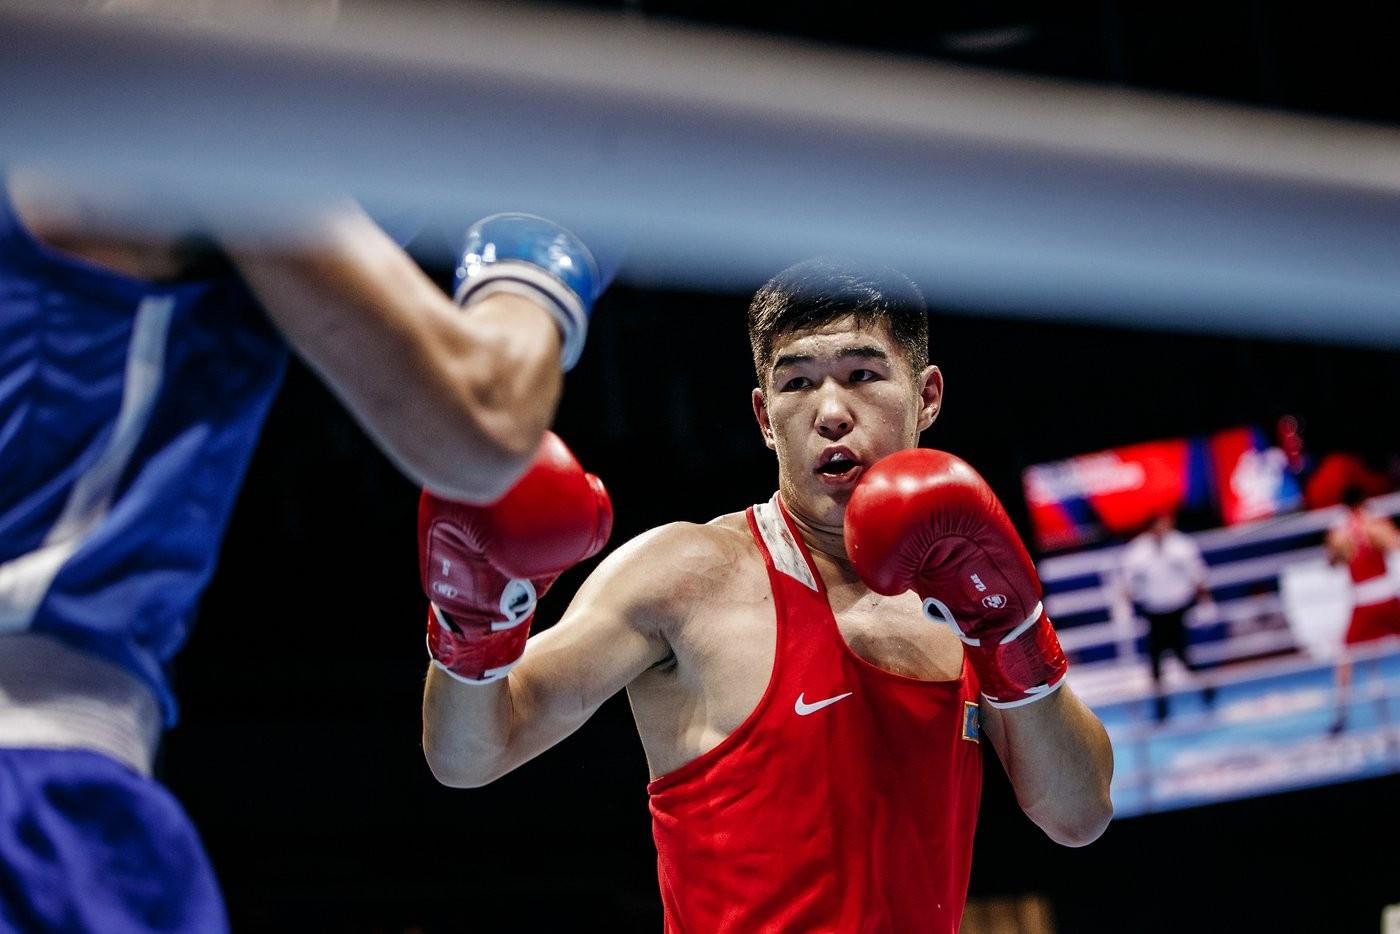 Казахстан завоевал шесть медалей и занял третье место на чемпионате мира по боксу